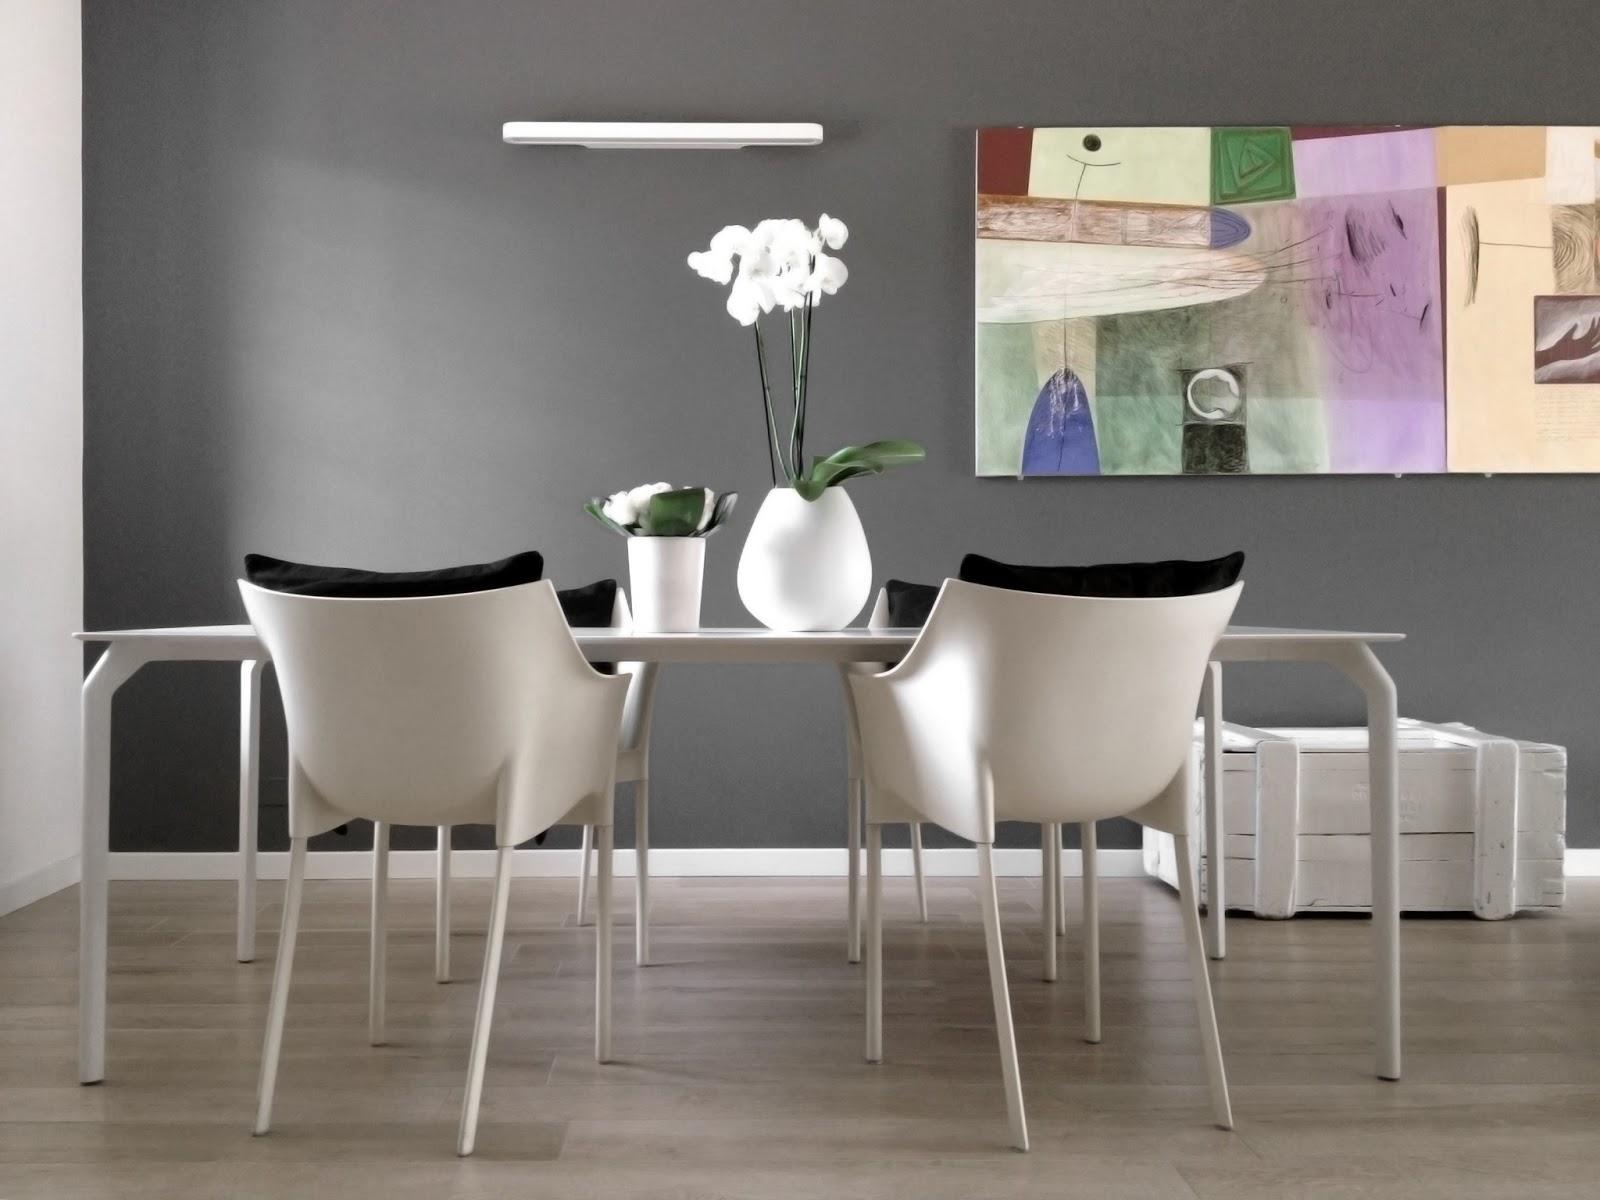 Pannelli divisori ikea pareti divisorie in legno ikea for Ikea divisori